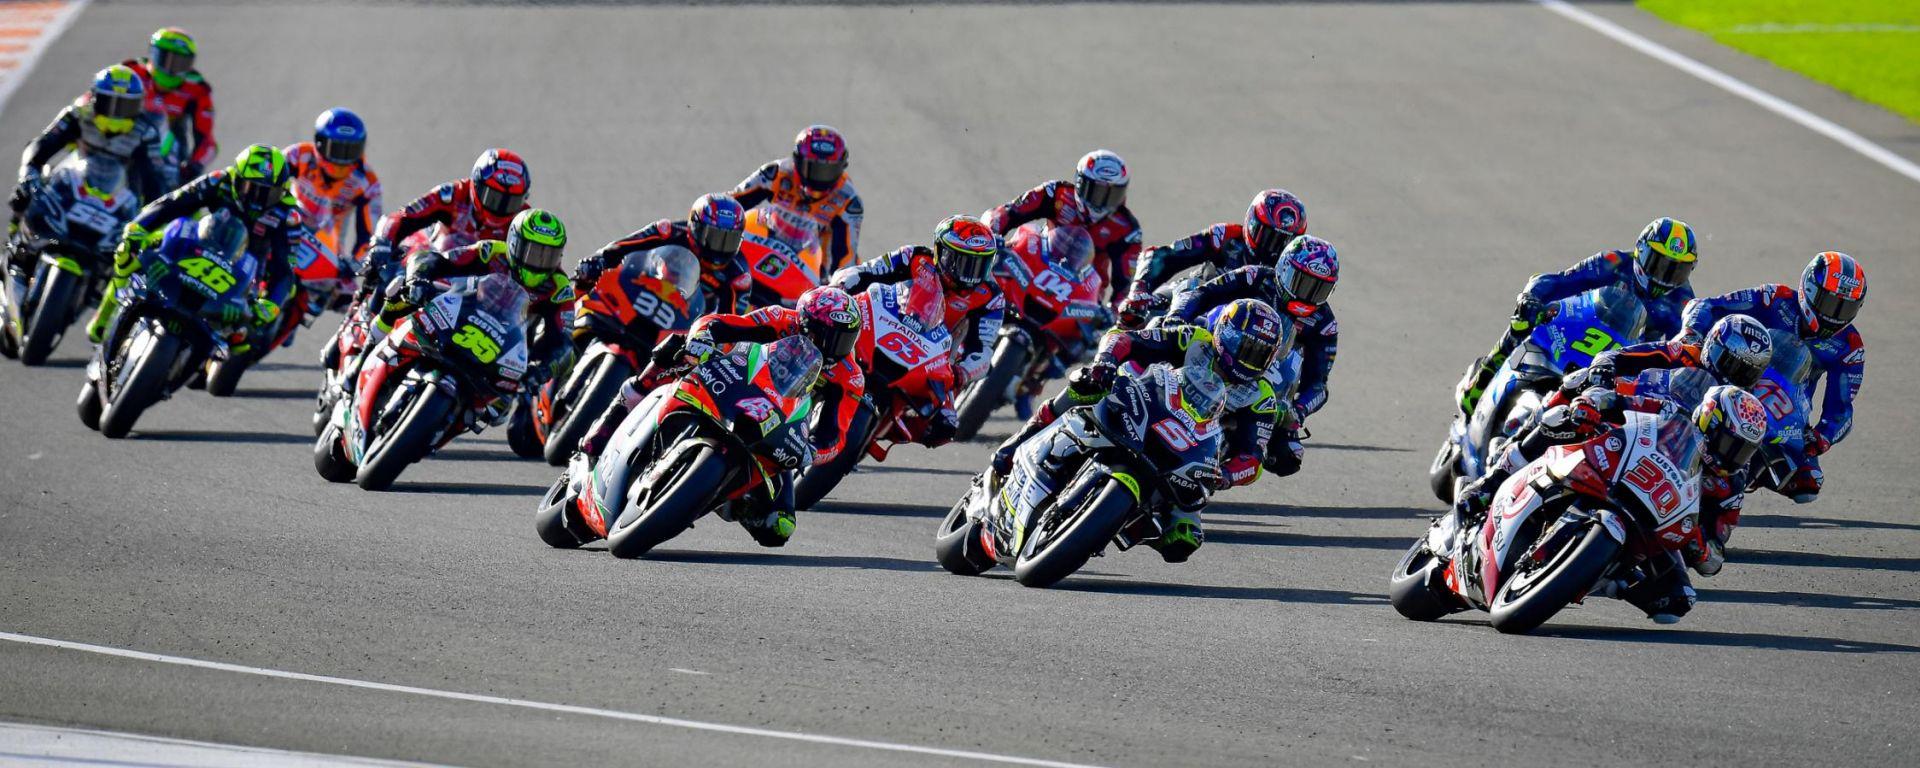 MotoGP Europa 2020, la partenza